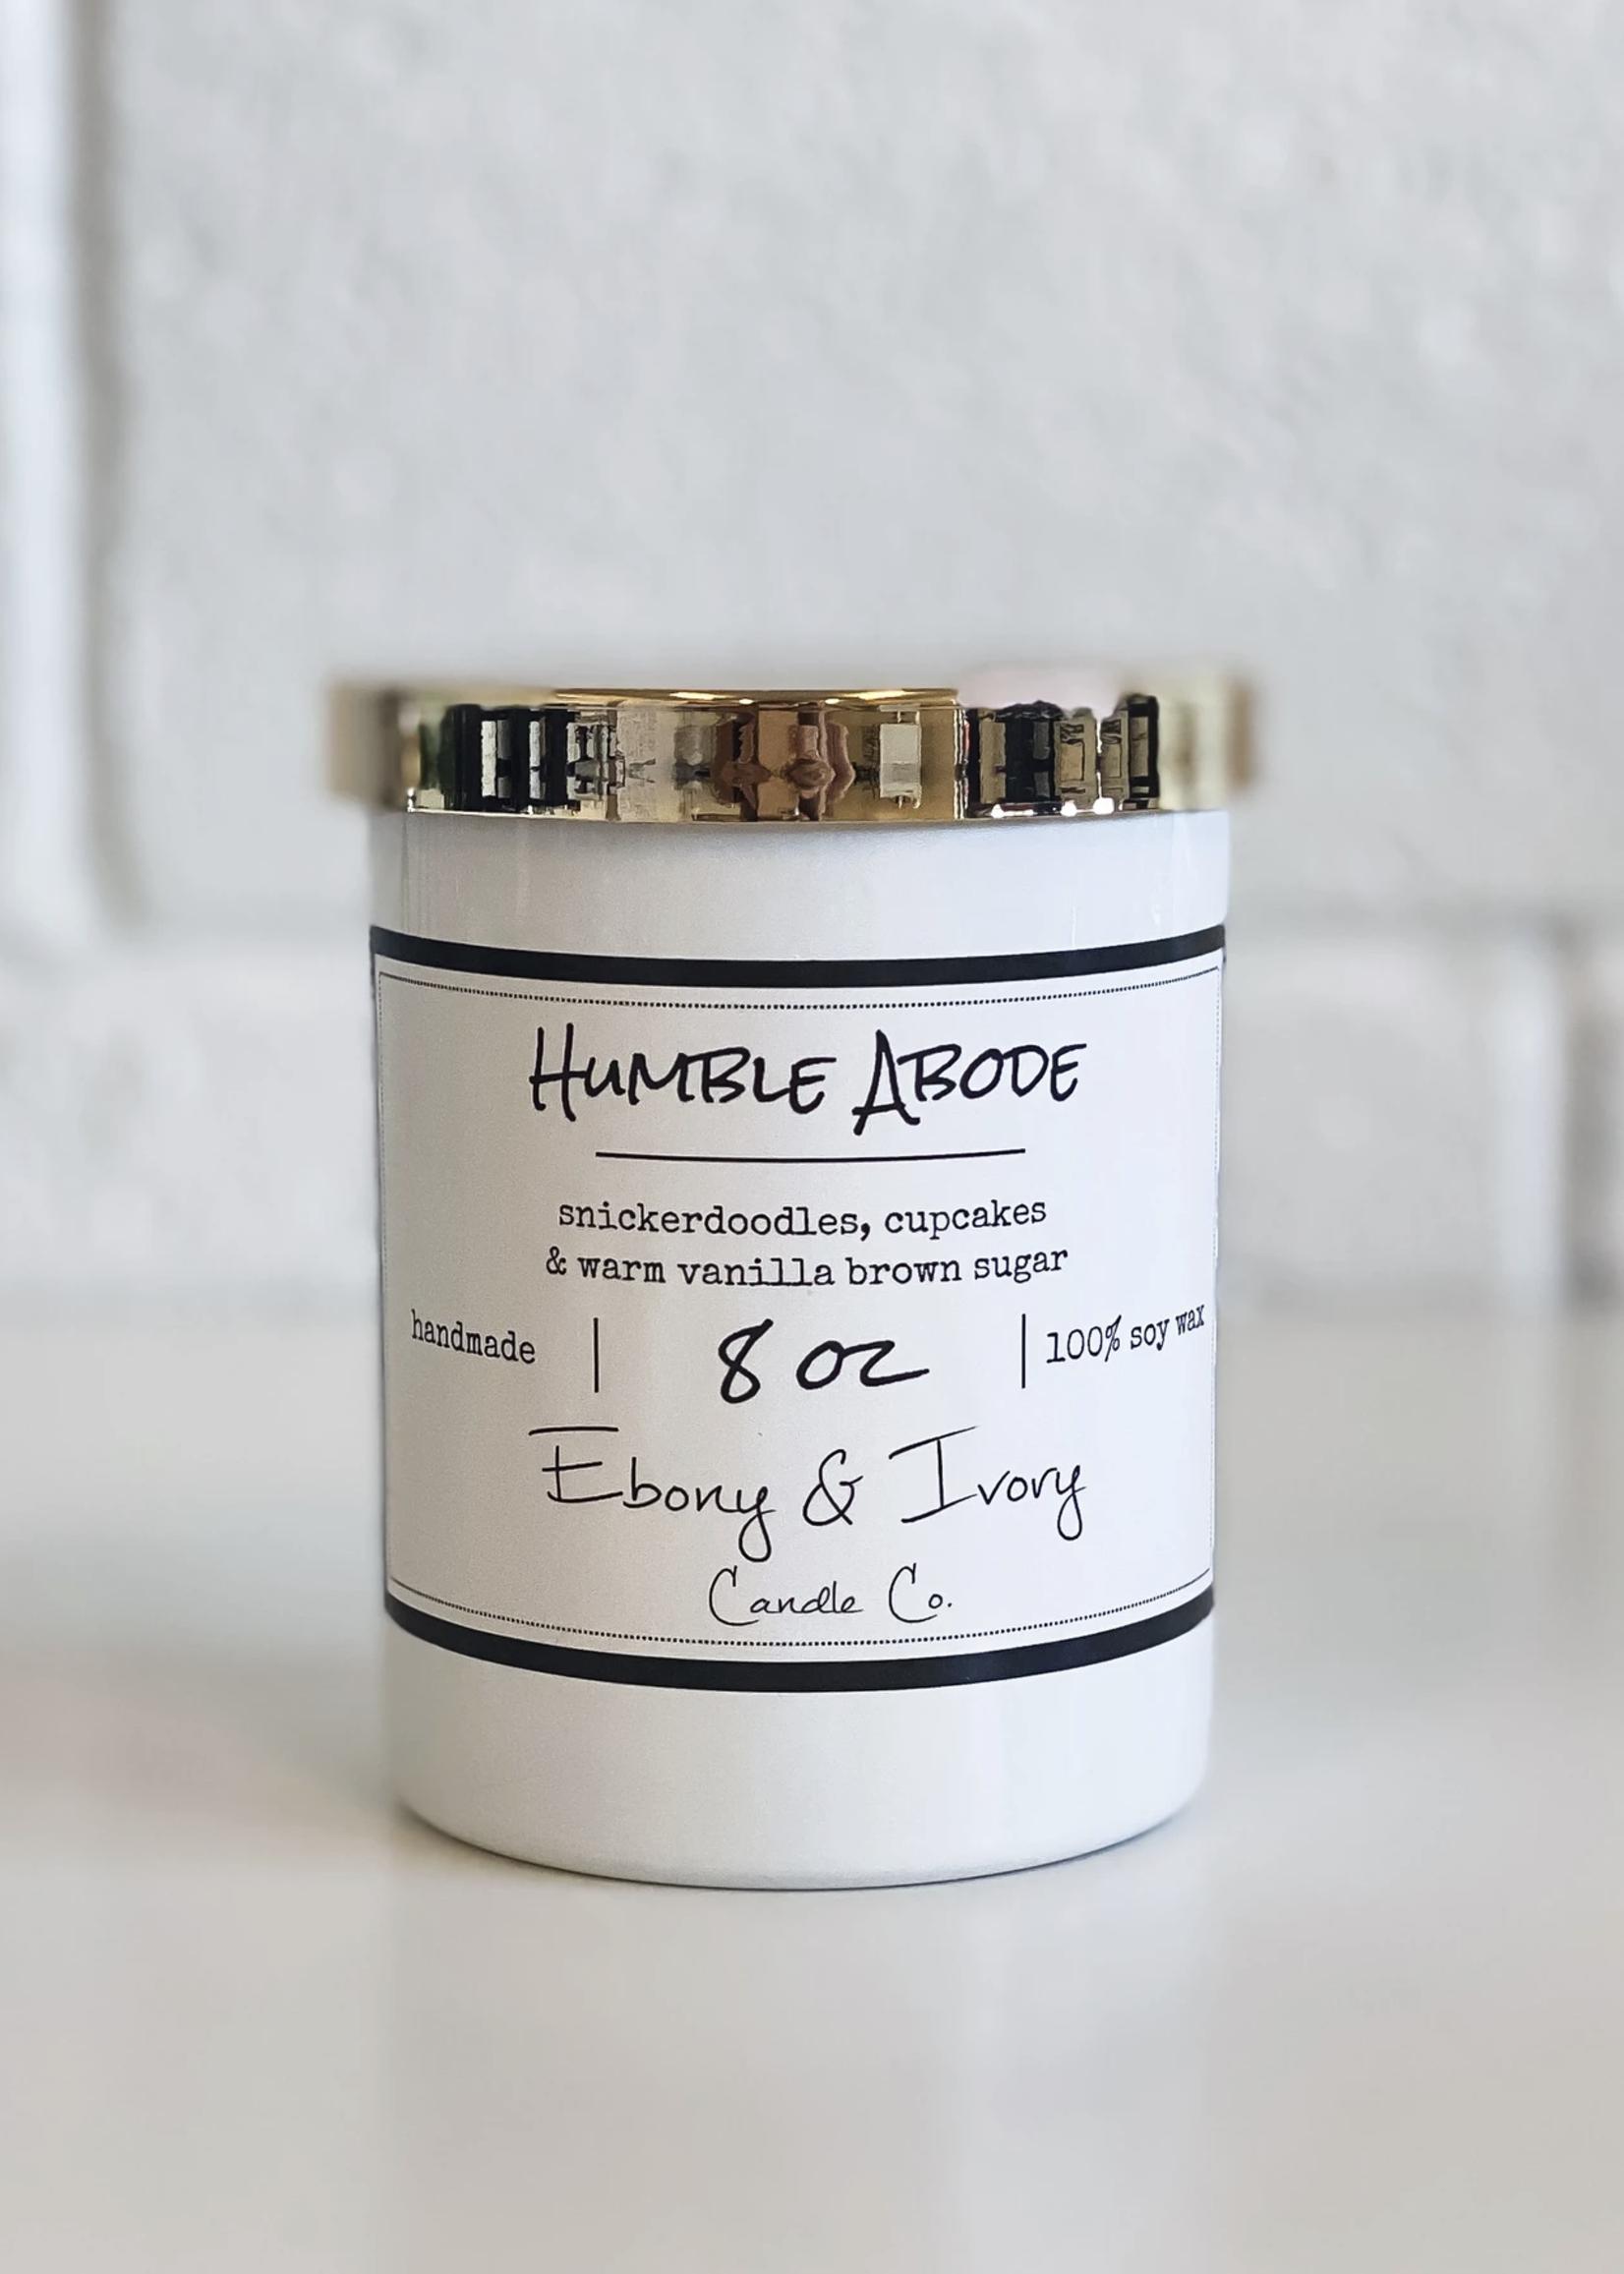 Ebony & Ivory Candle Co. Humble Abode- 8oz